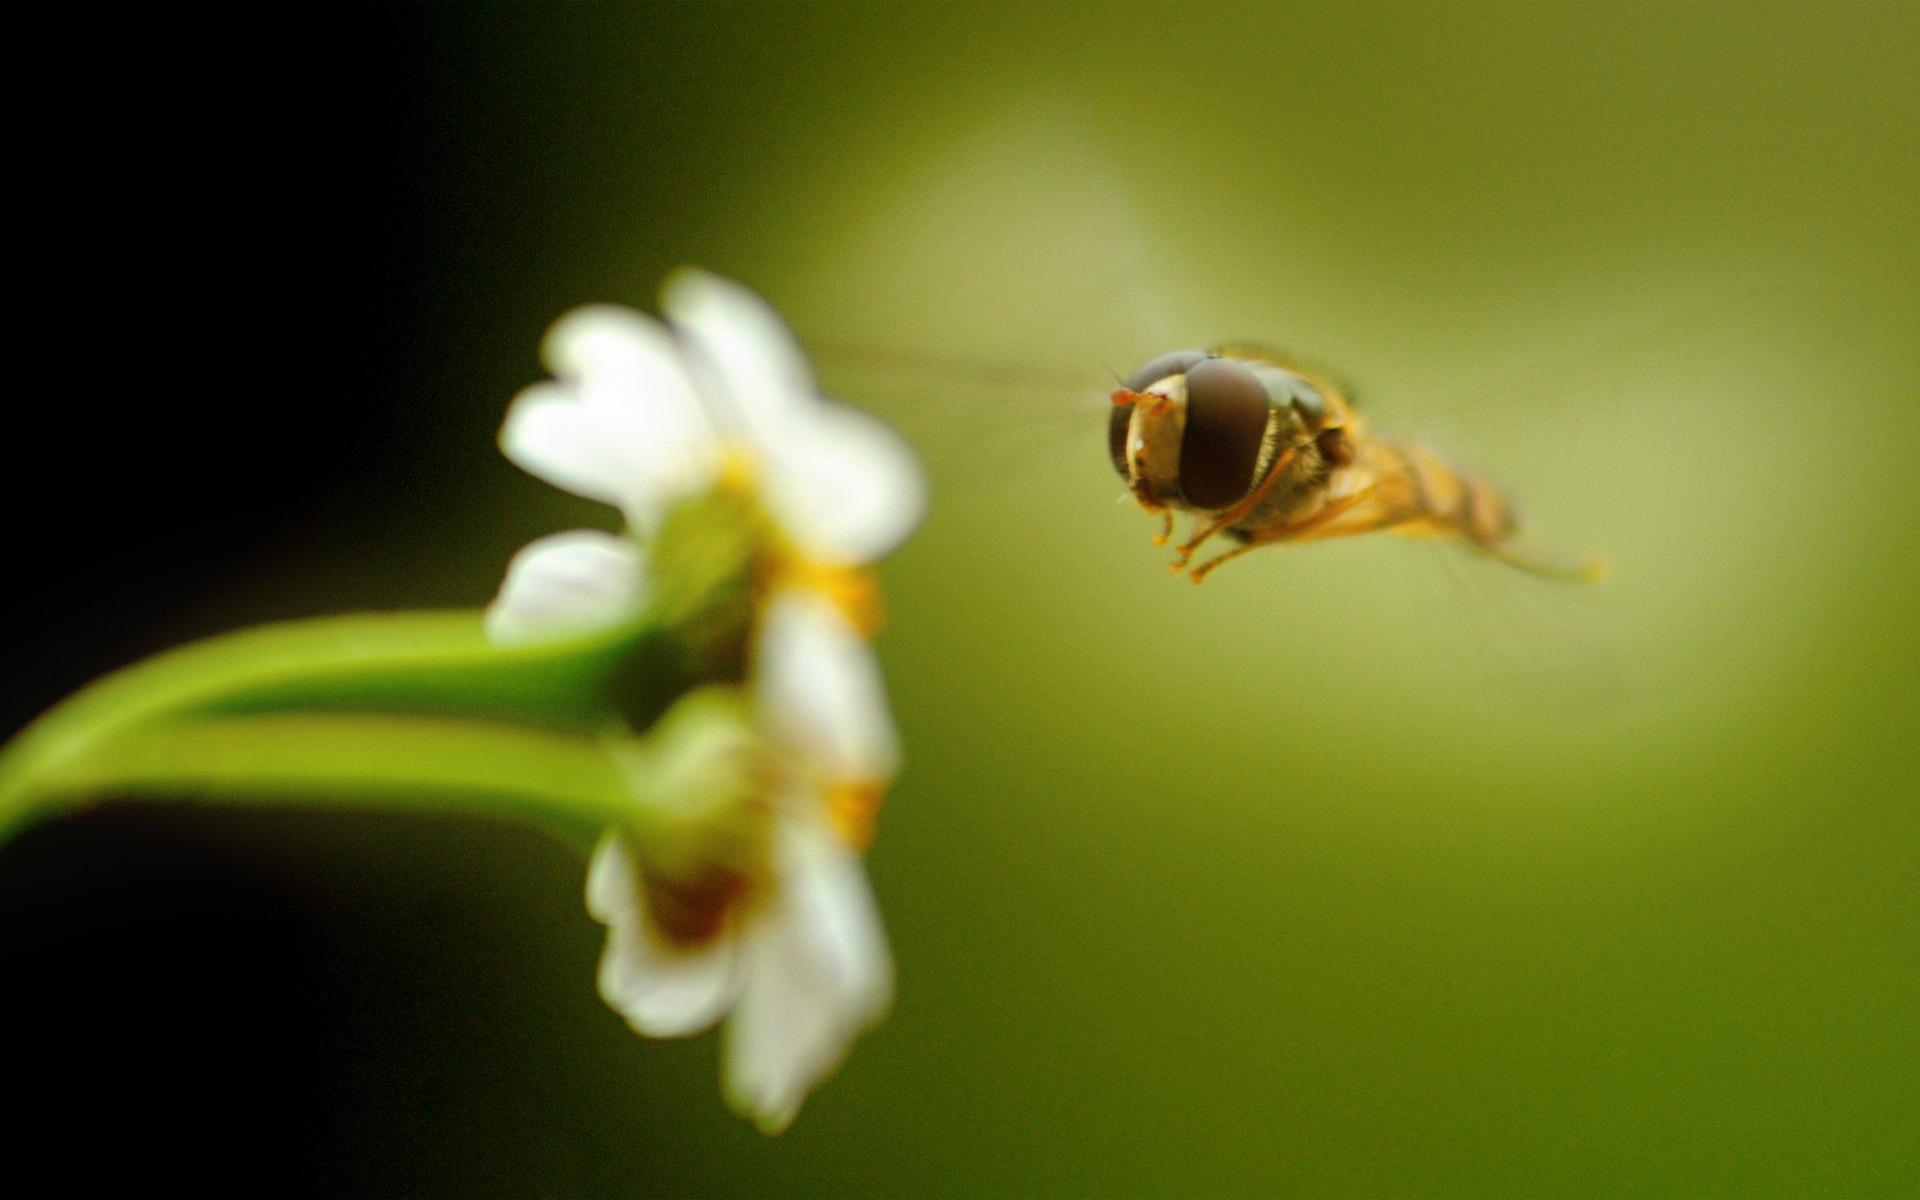 макро одуванчик животное насекомое пчела цветы природа  № 3007355 без смс